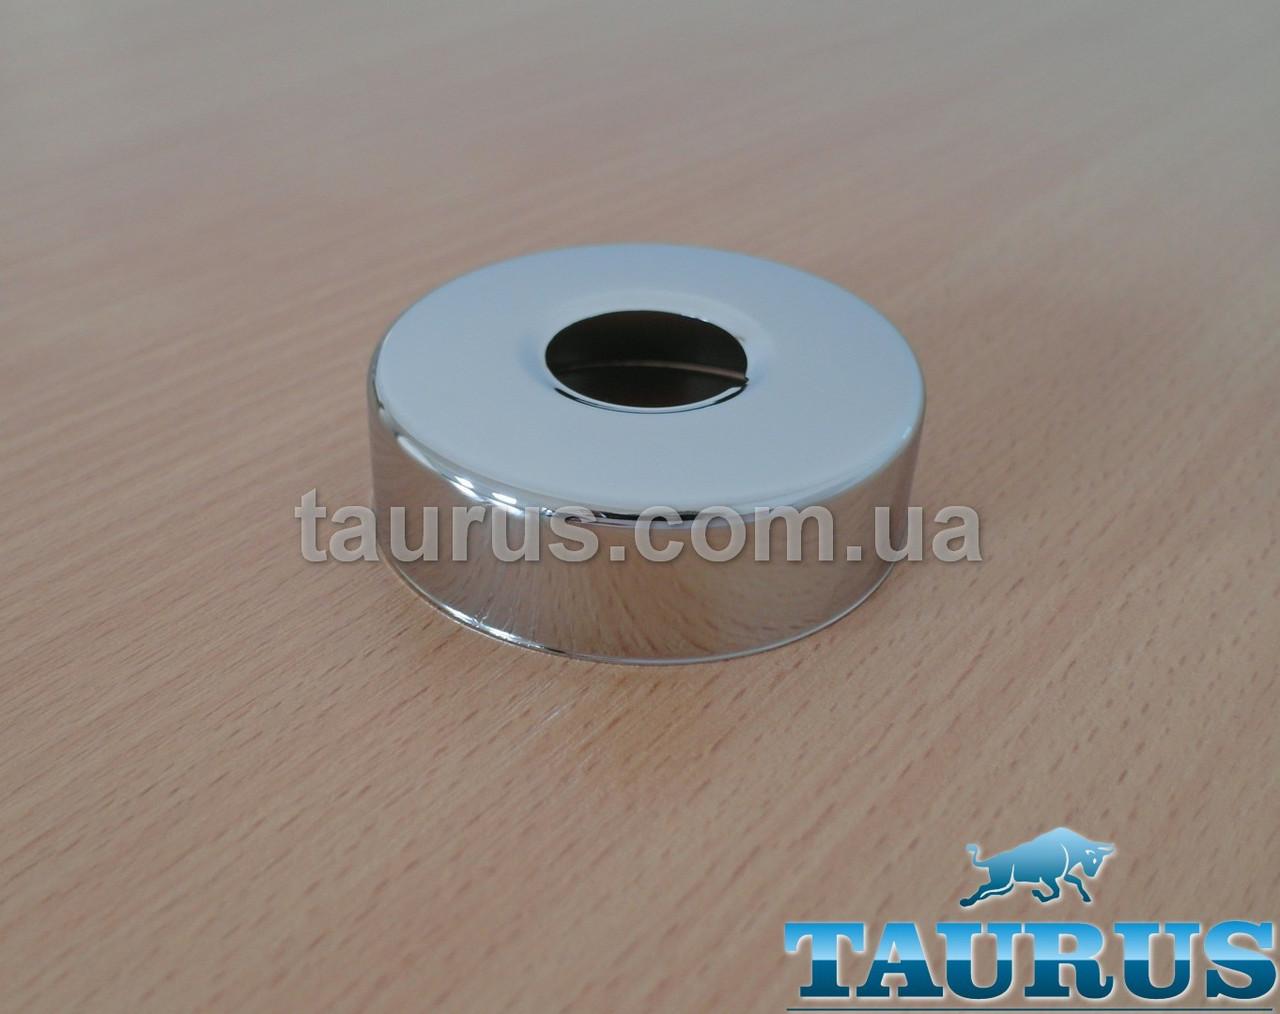 """Круглий об'ємний декоративний фланець D70 / висота 21 мм, внутрішній розмір 3/4"""" (D25 мм)"""